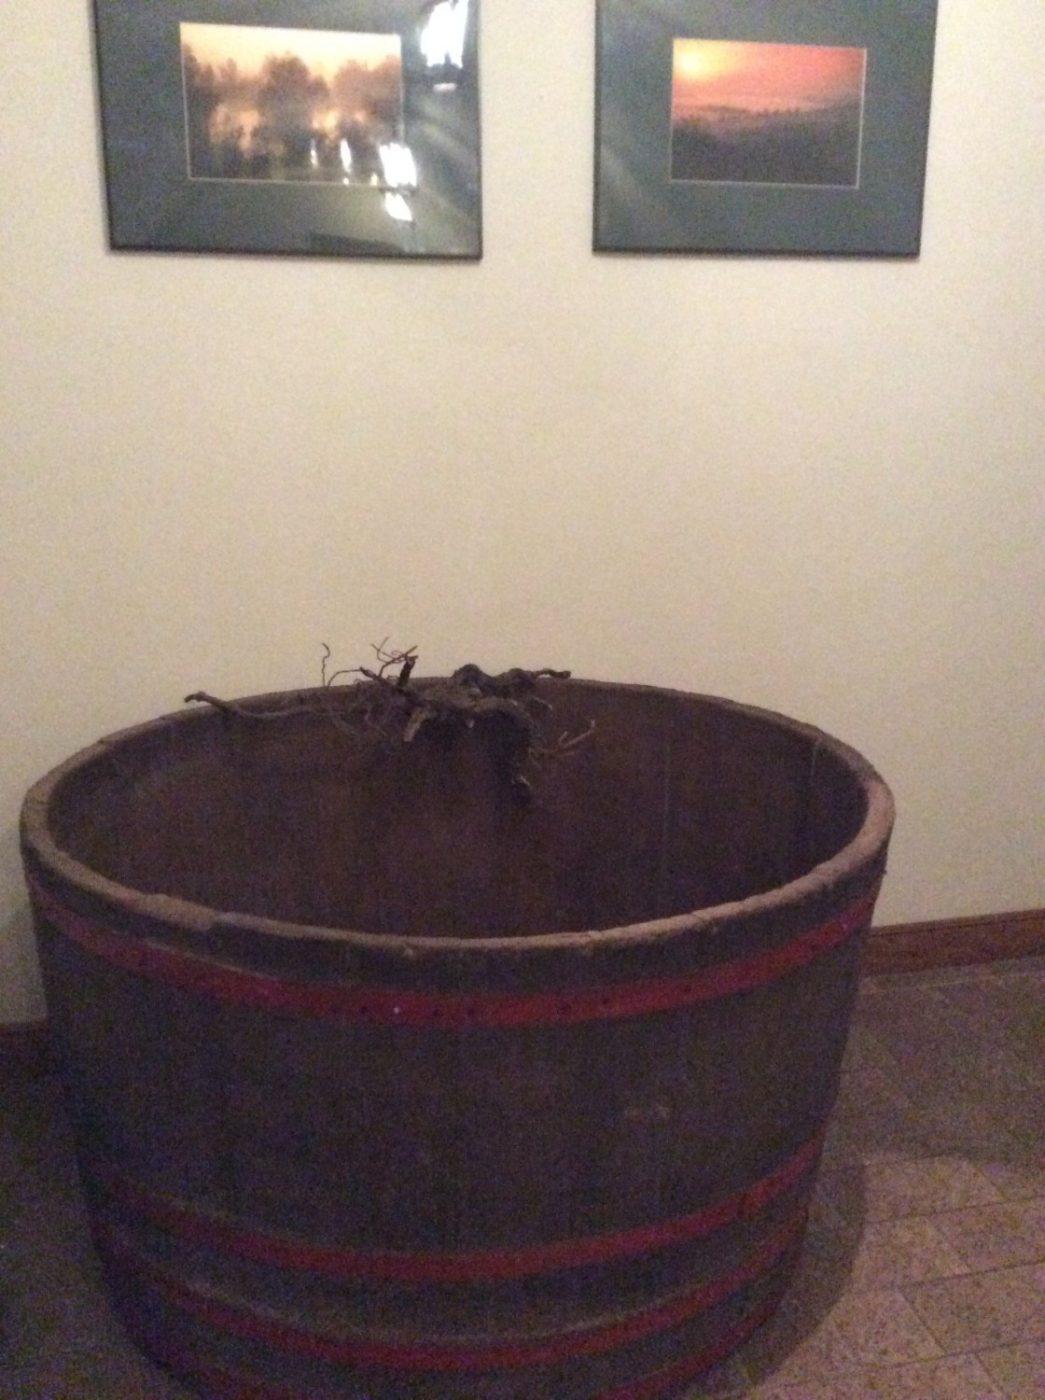 старый венгерский чан возрастом более 100 лет с виноградным корнем